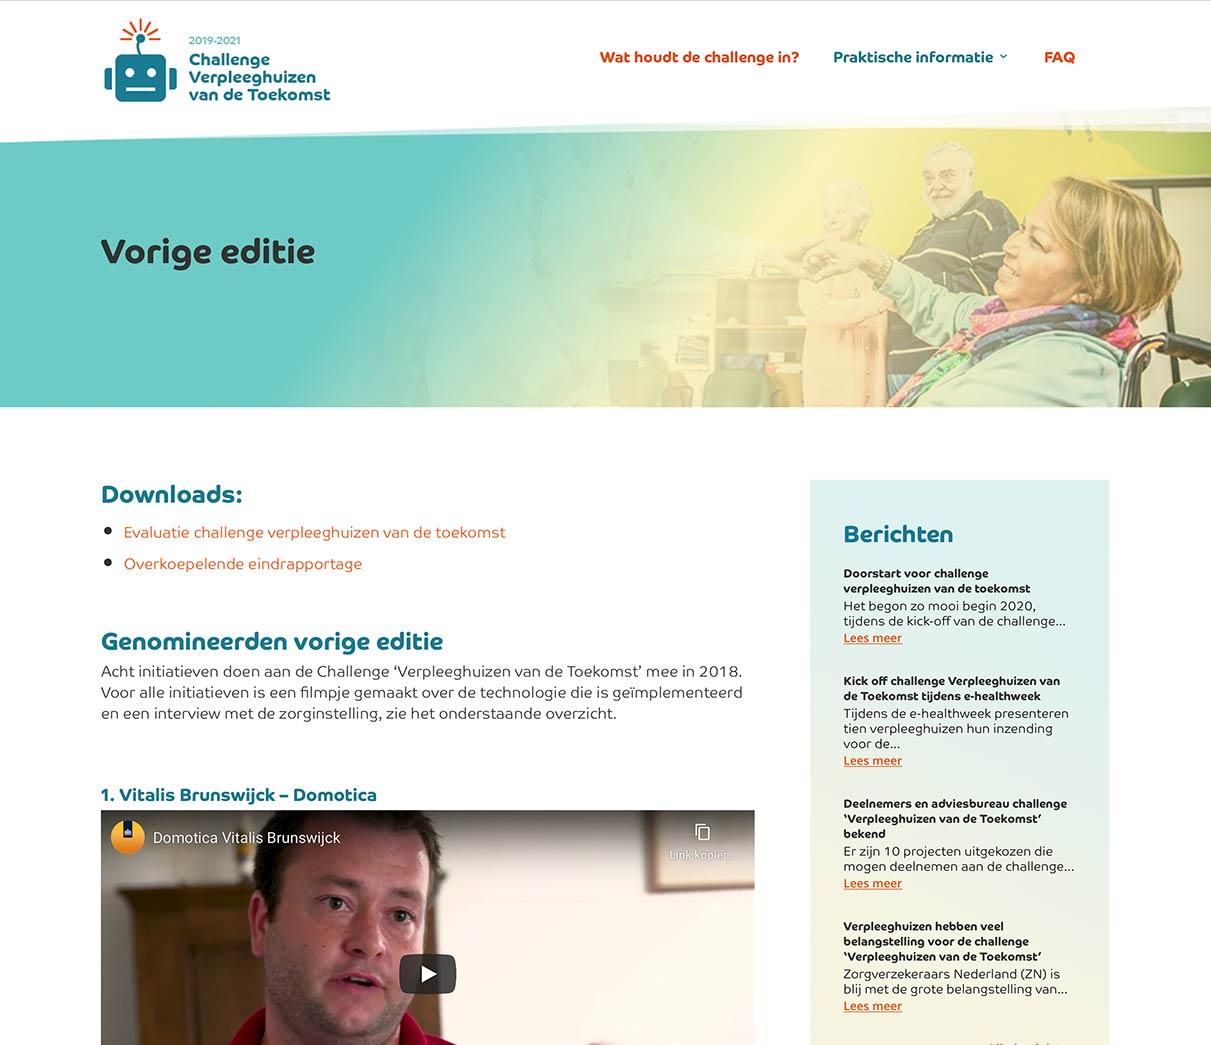 Webdesign Pagina vorige editie verpleeghuis van de toekomst van studio SNH